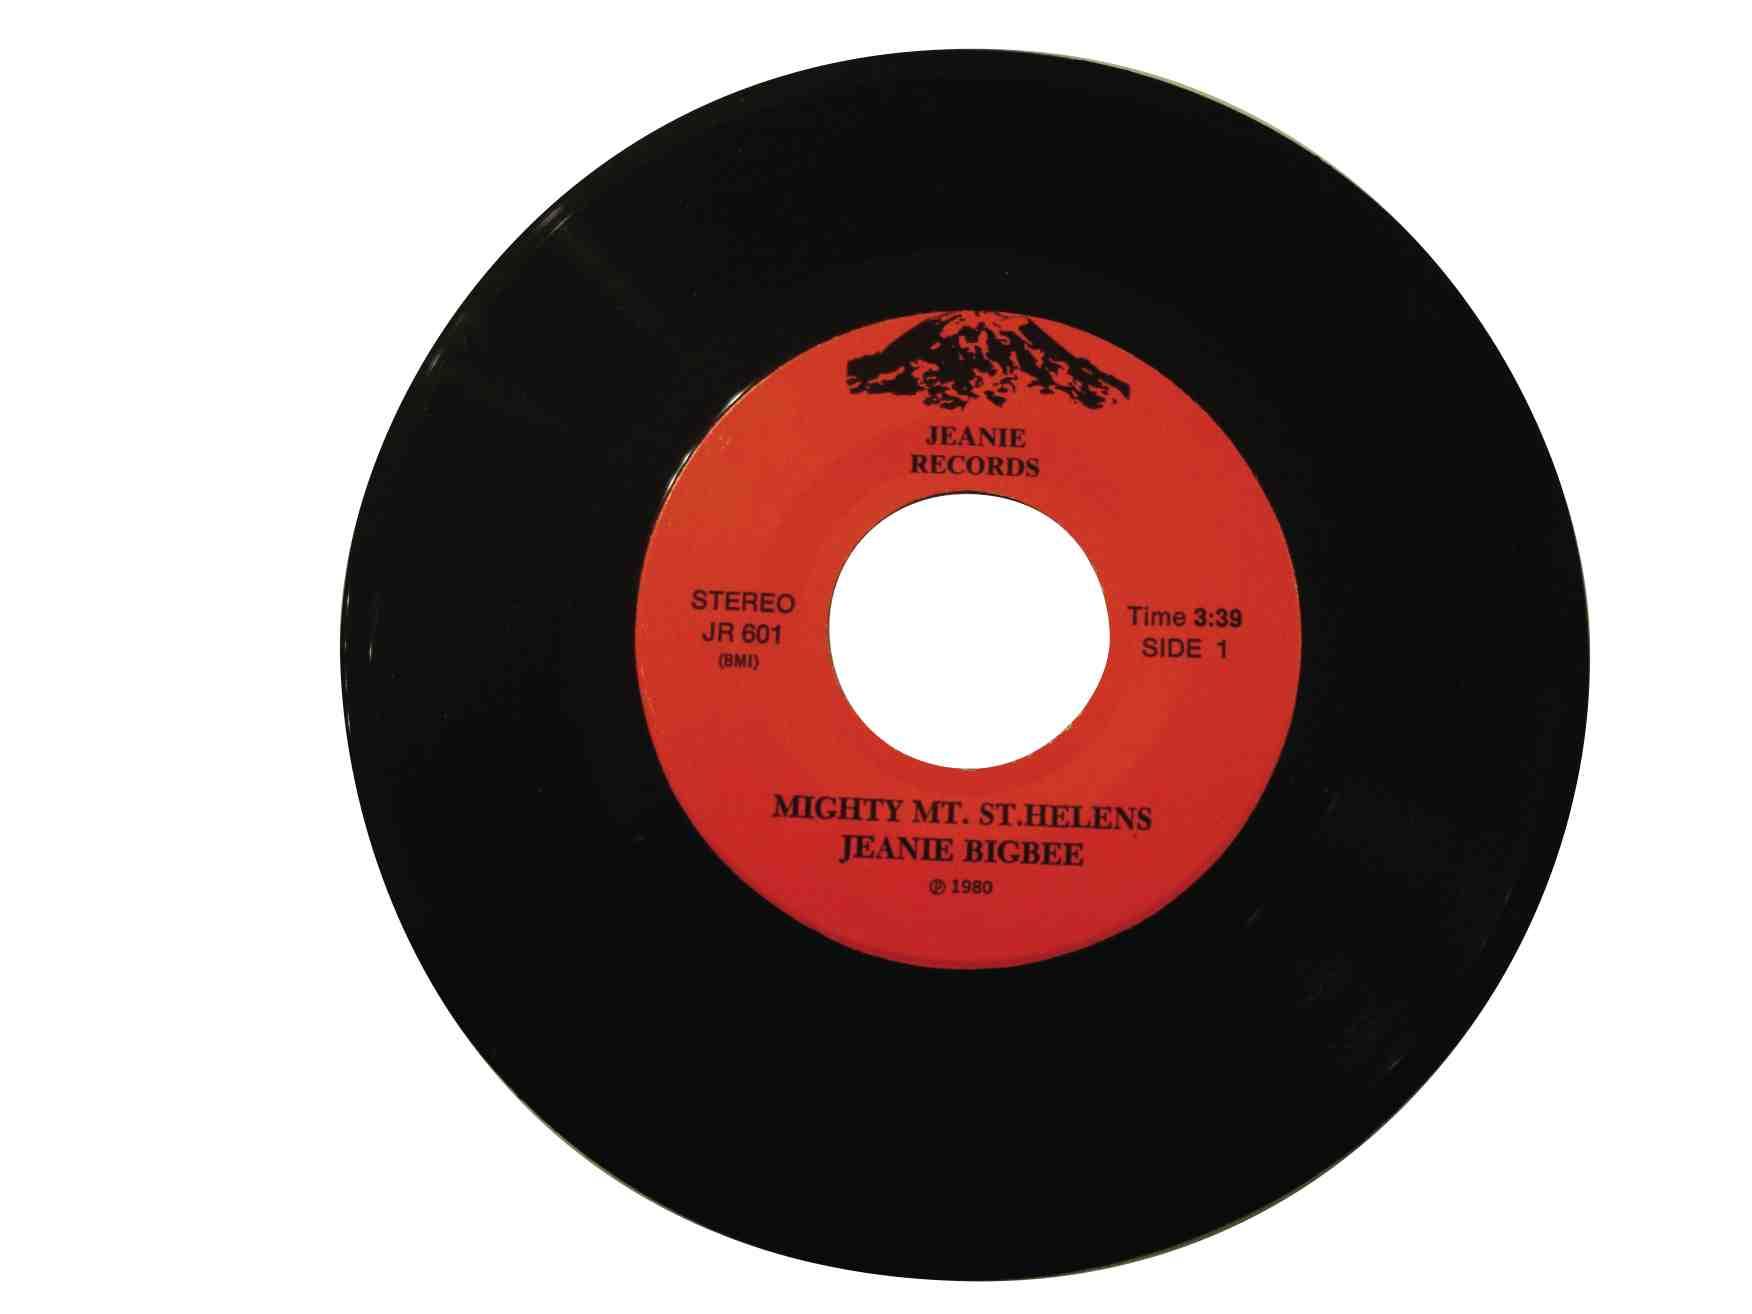 vinyl record clip art clipart panda free clipart images rh clipartpanda com vinyl clip art horse images vinyl clip art free